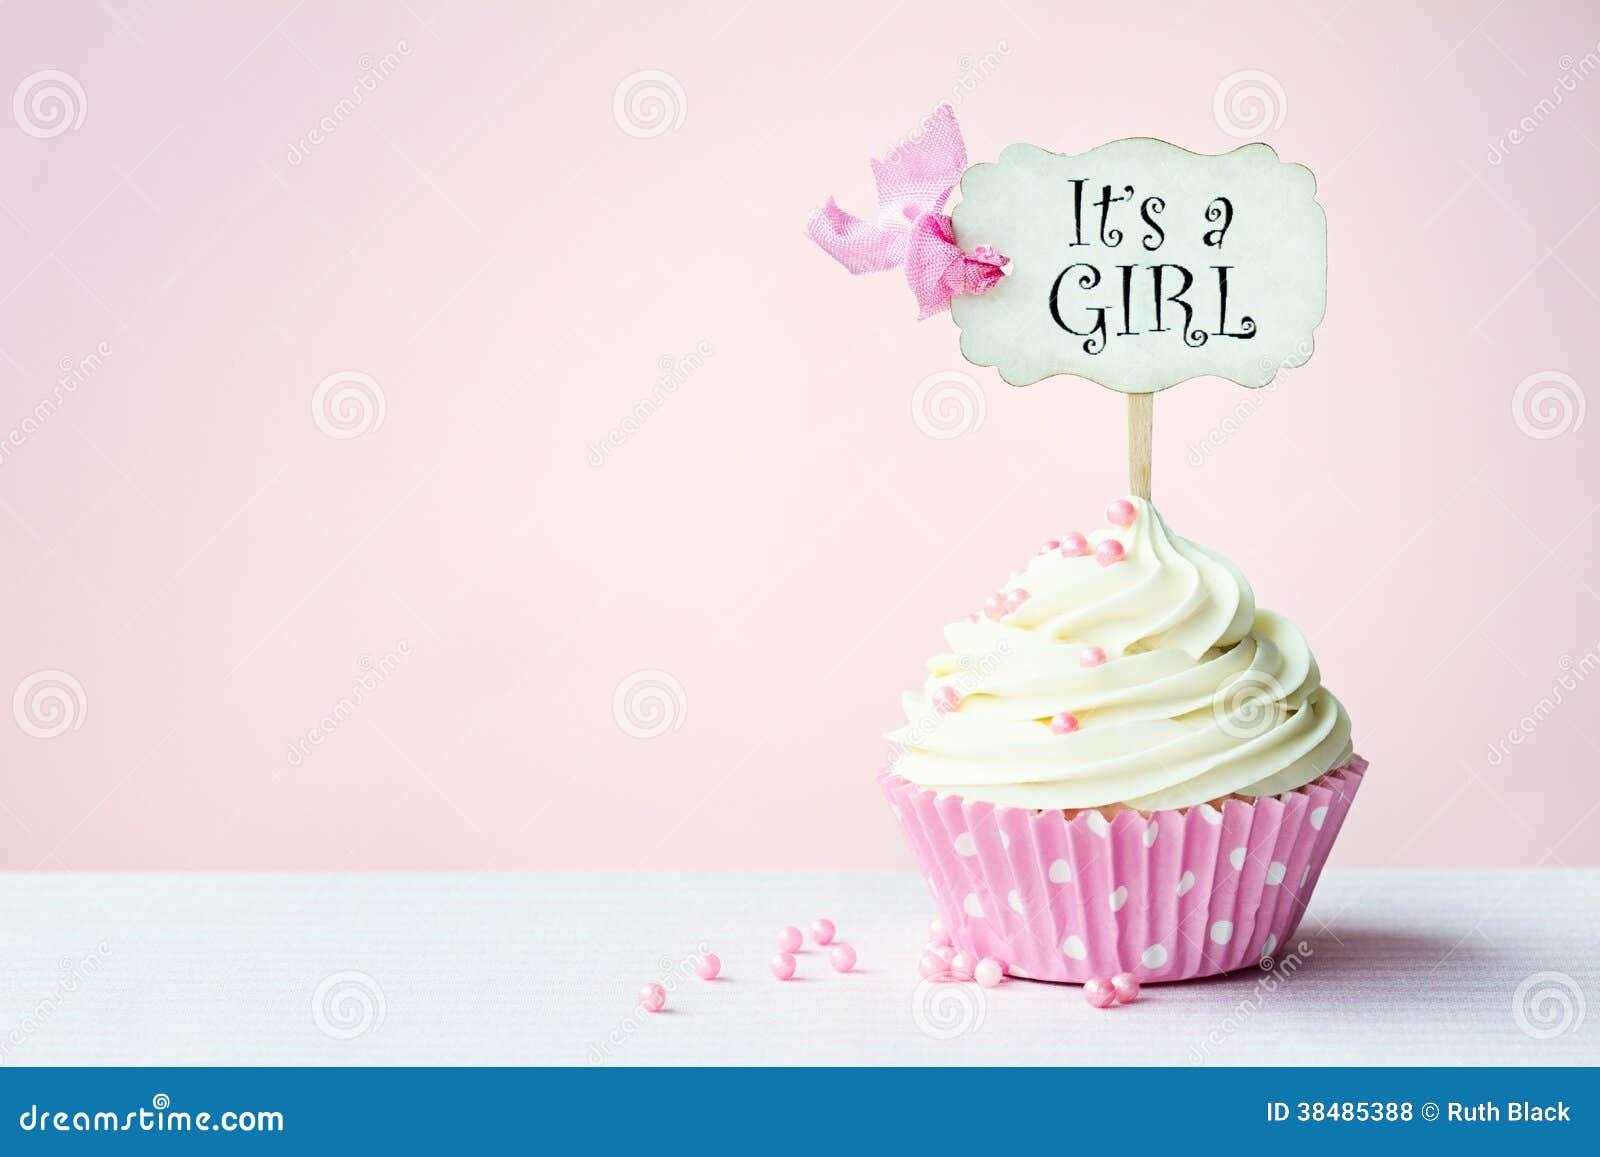 婴儿送礼会杯形蛋糕